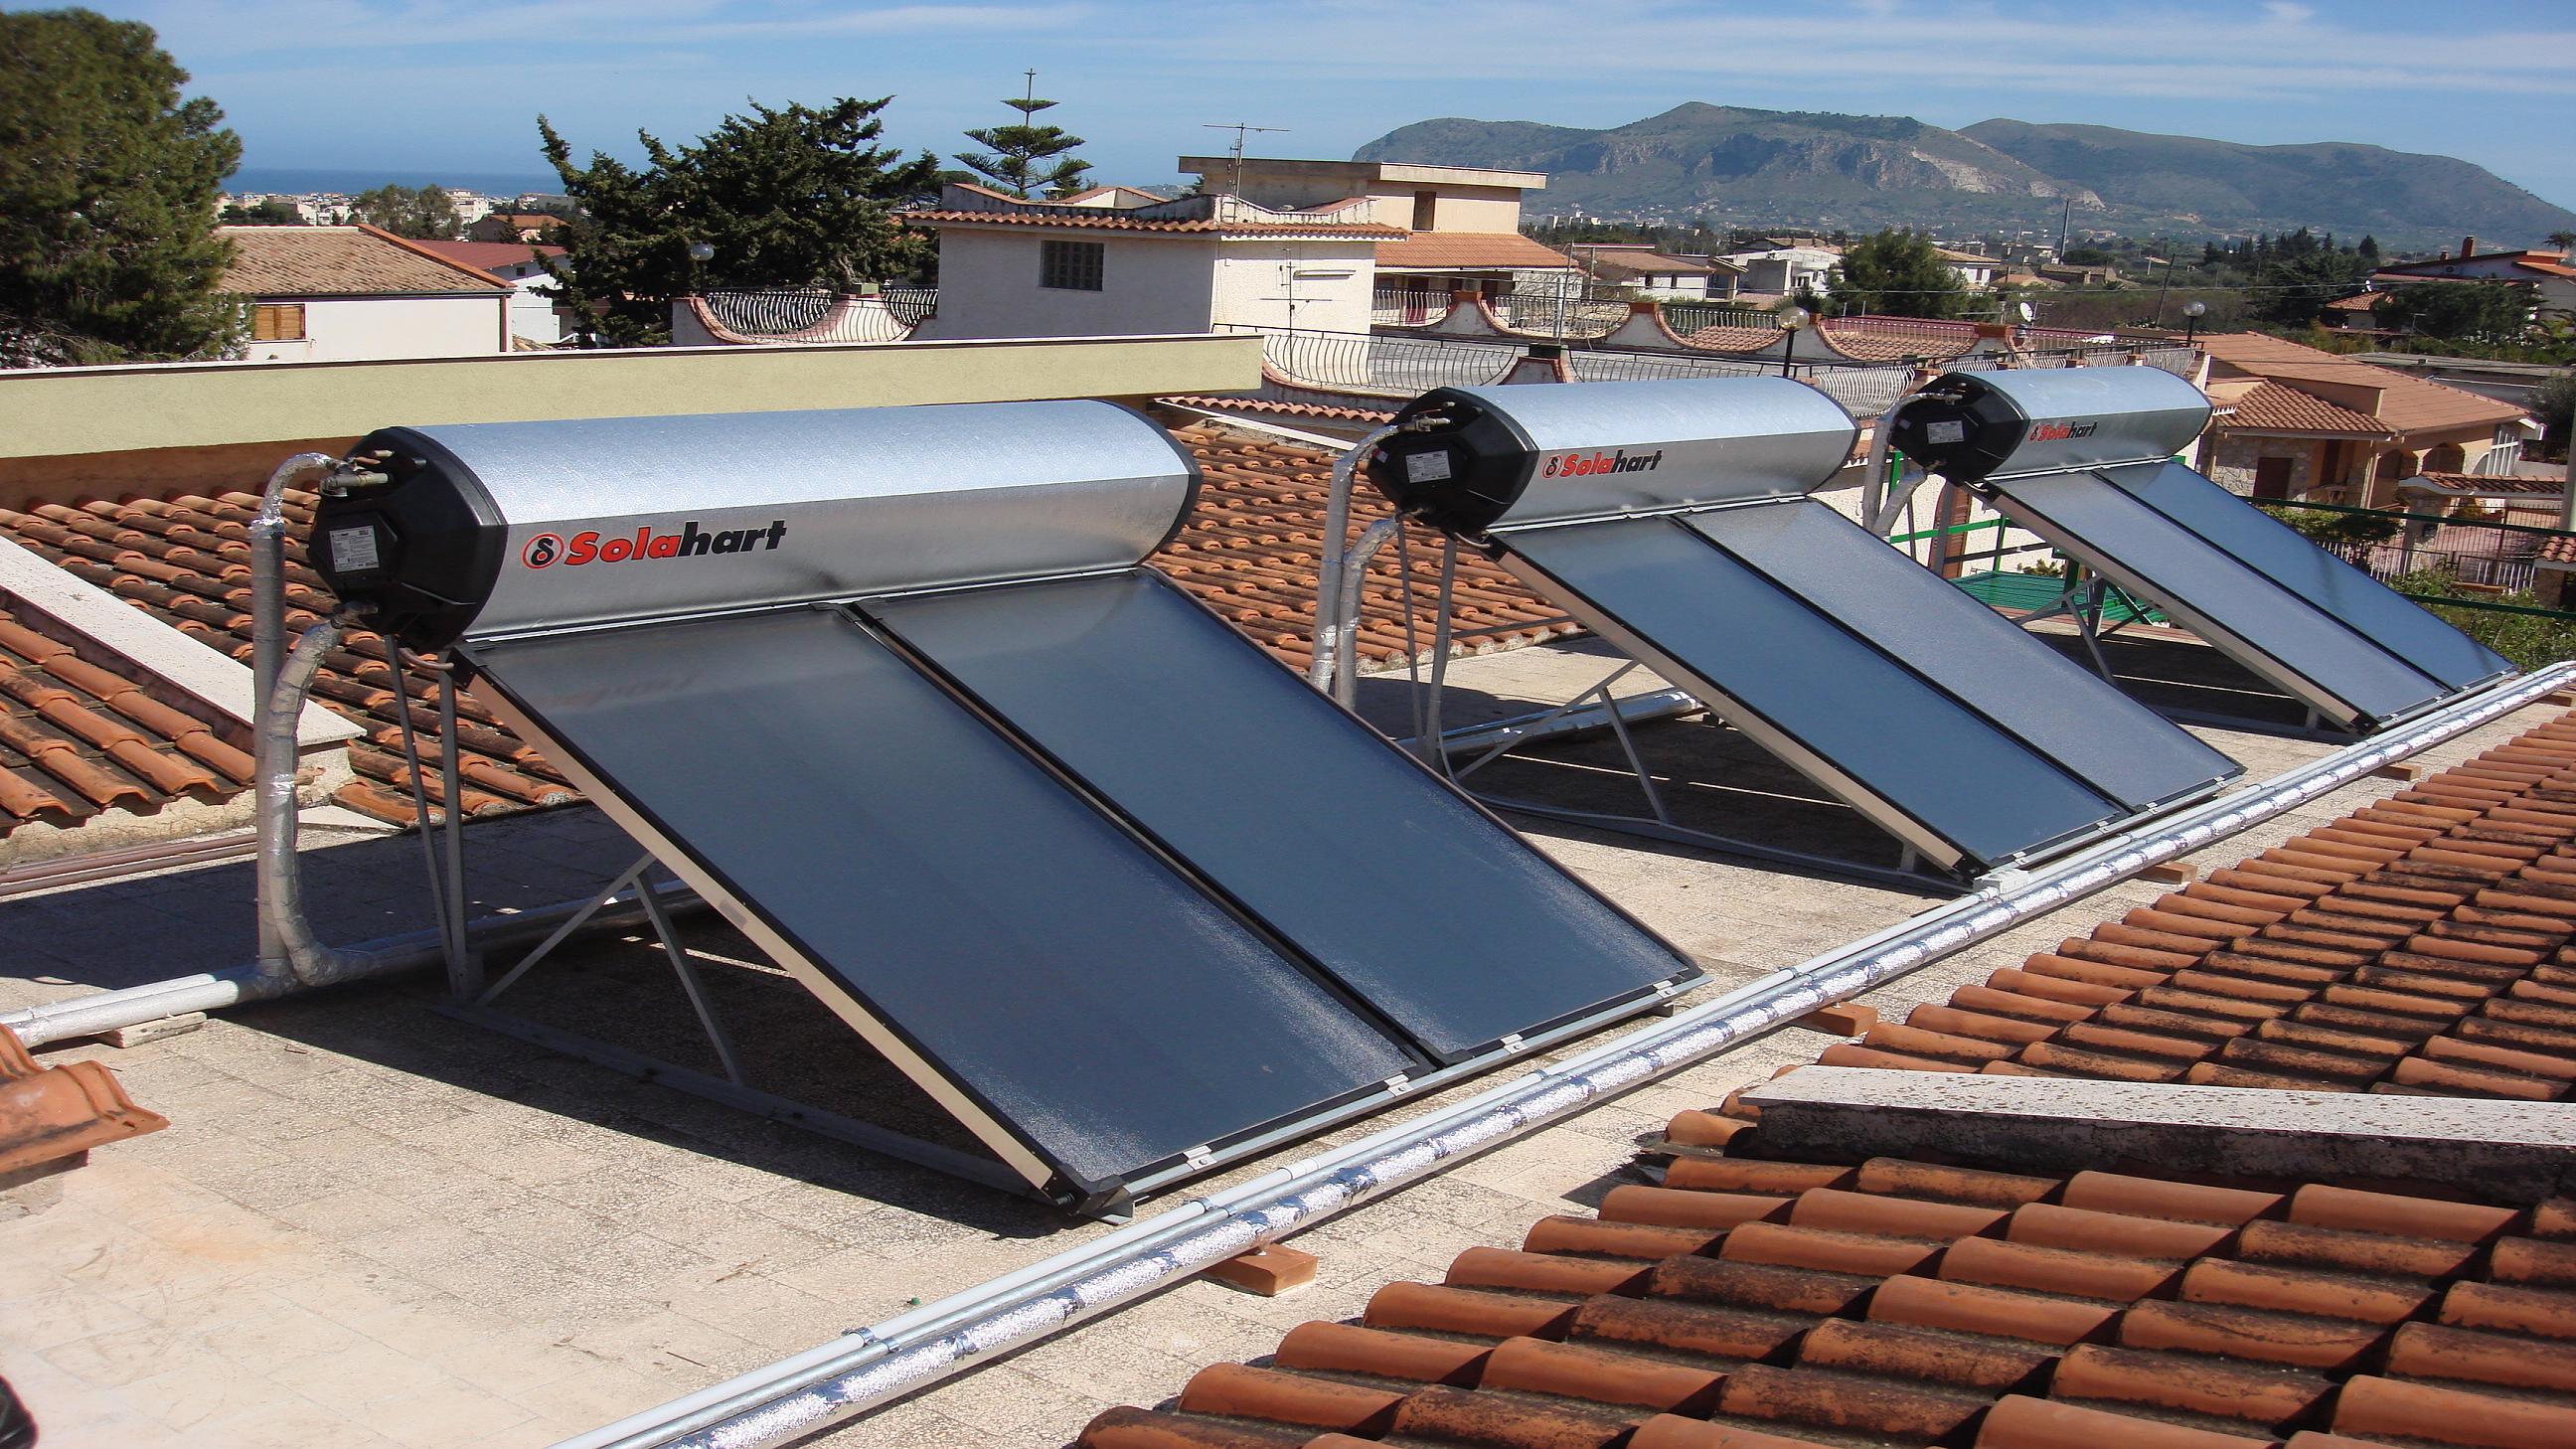 Pannello Solare Per Uso Domestico : Pannello solare kf solahart impianto termico